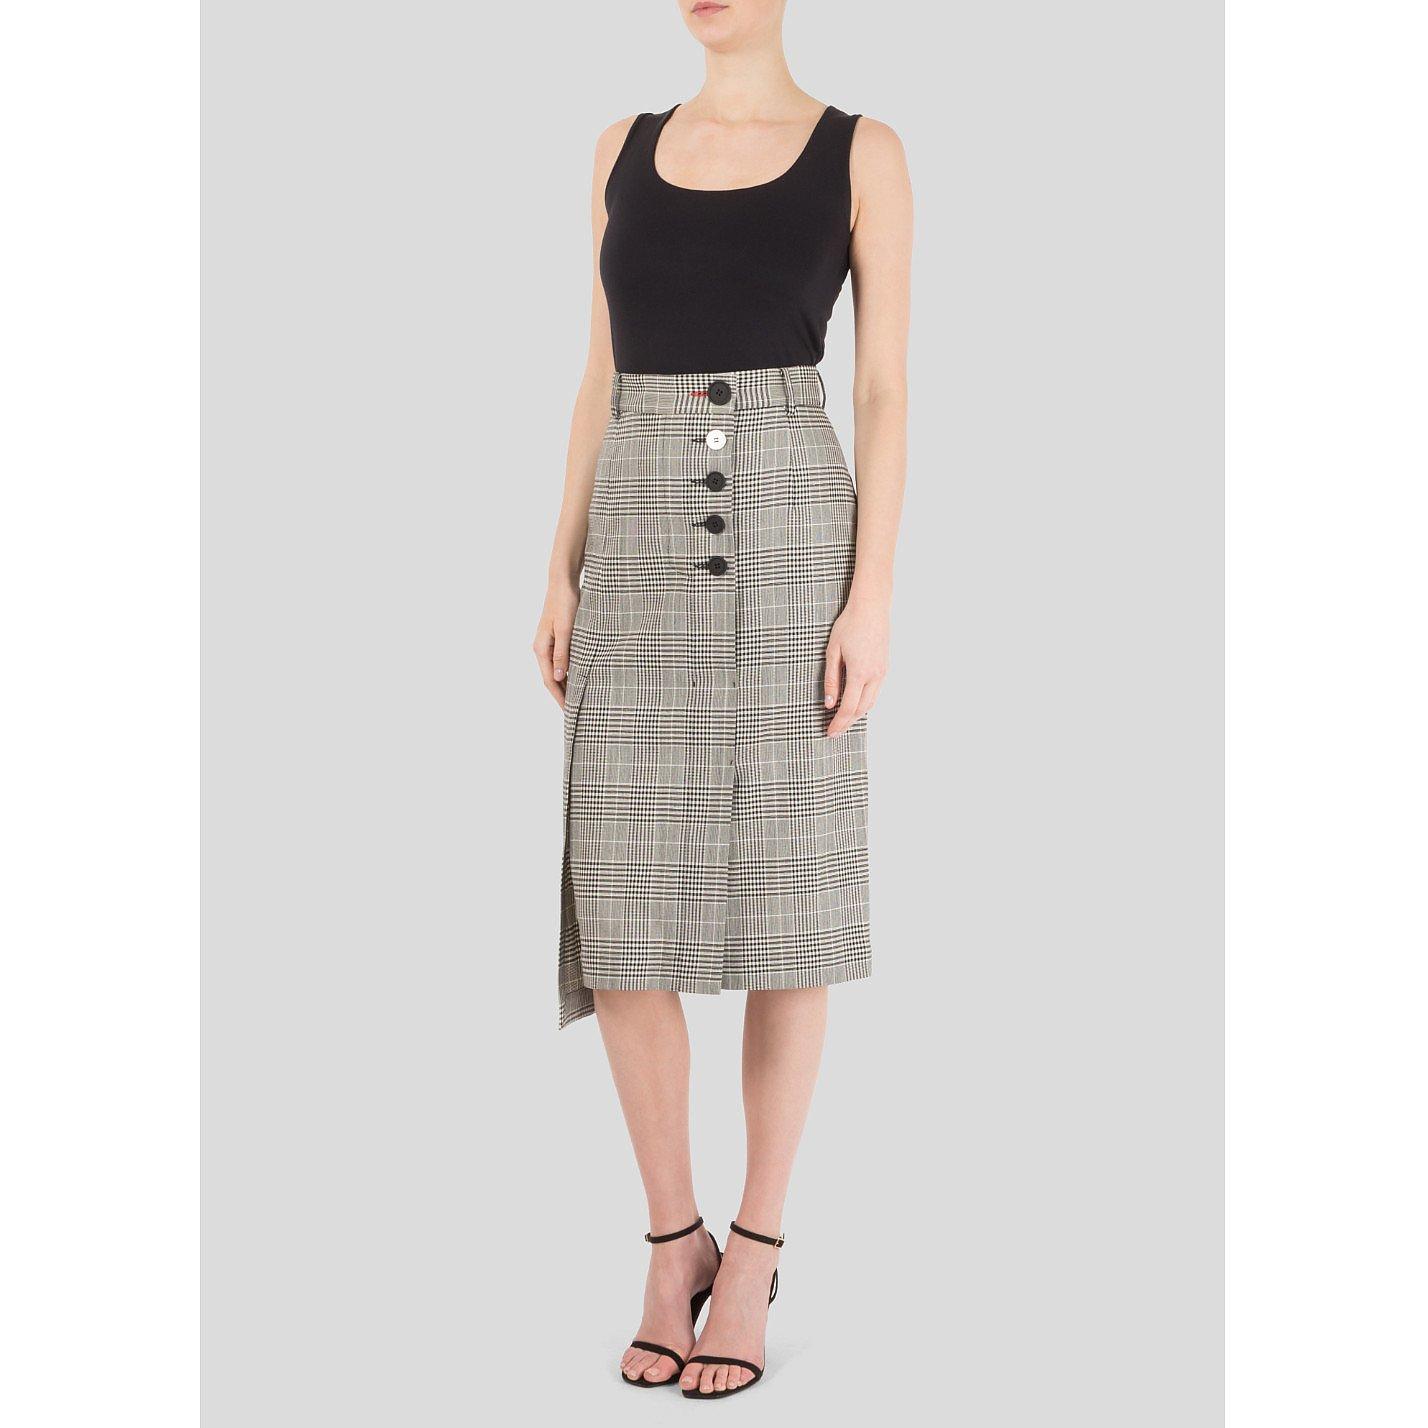 Eudon Choi Asymmetrical Check Pencil Skirt